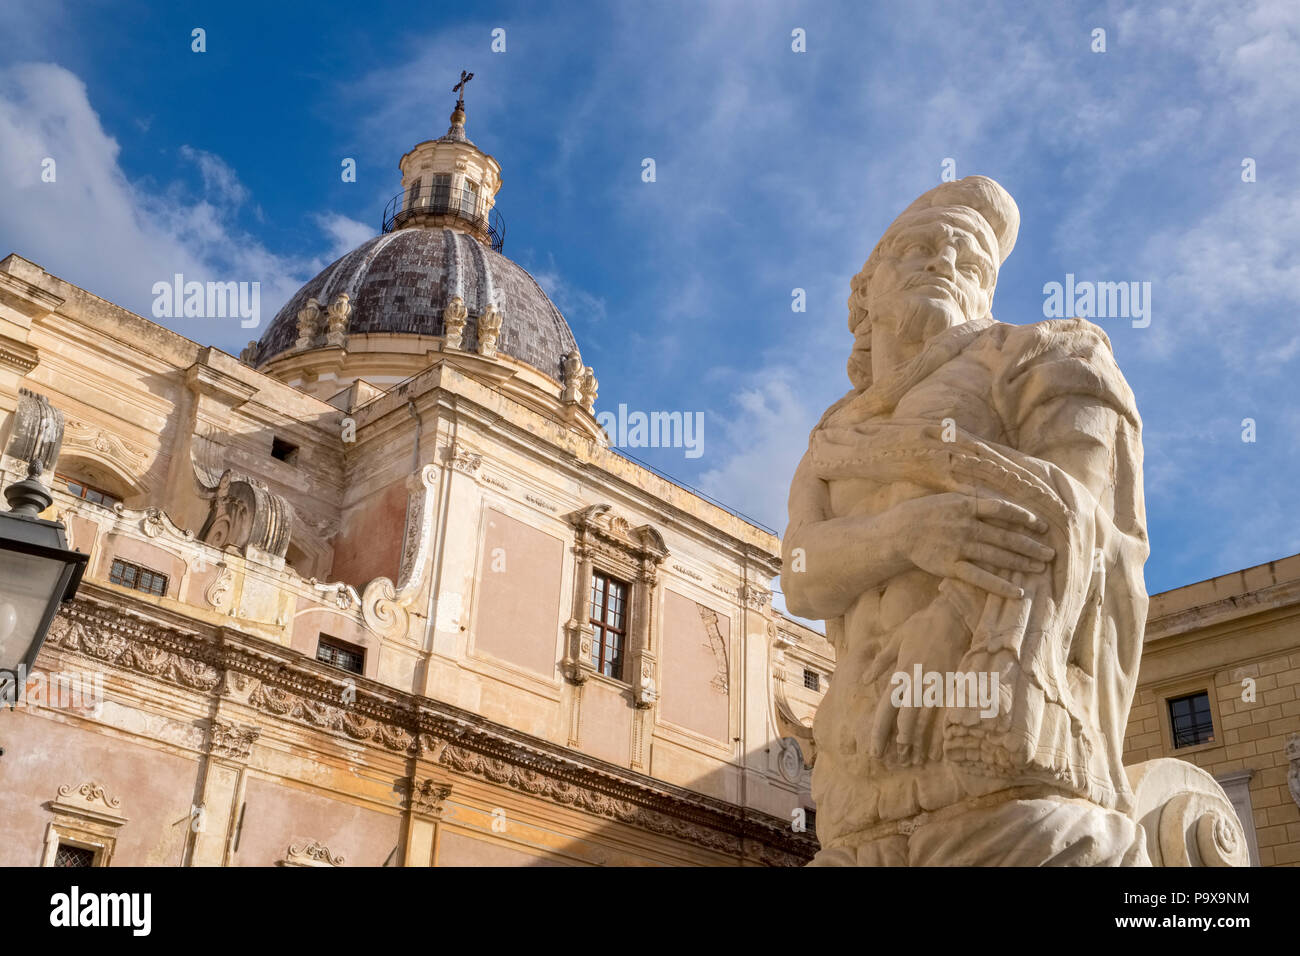 Parte della Fontana Pretoria, Praetorian fontana di Piazza Pretoria a Palermo, Sicilia, Italia, Europa mostra Santa Caterina cupola in background Immagini Stock